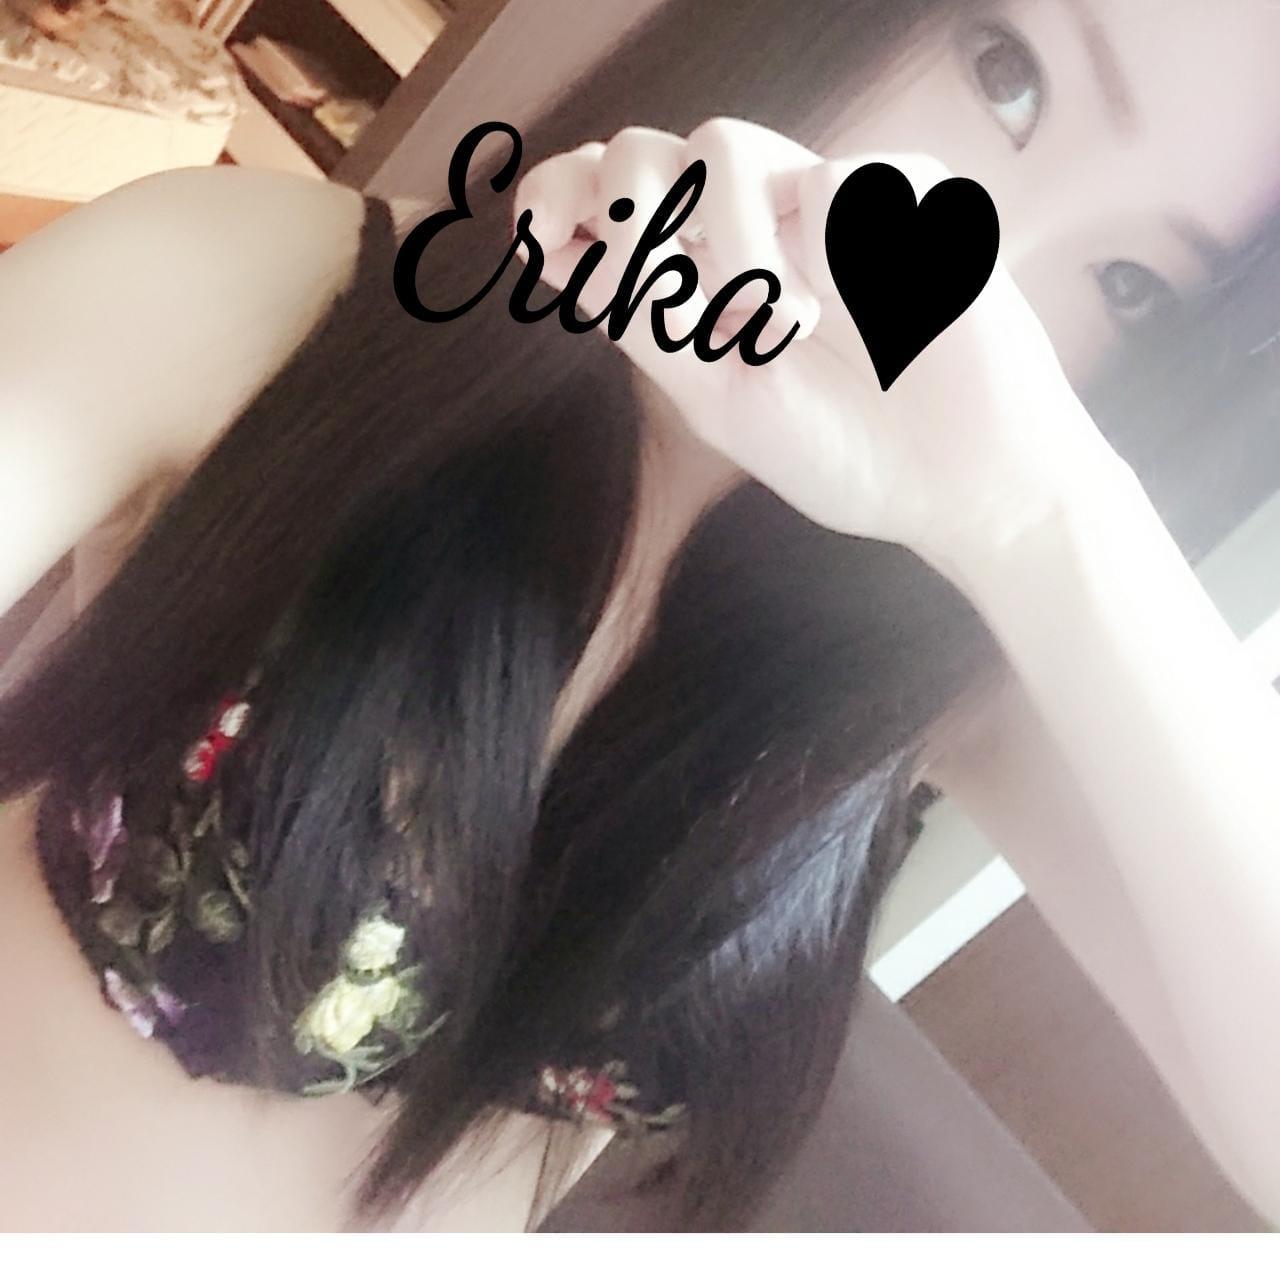 「ありがとう?」09/18(火) 21:58 | Erikaの写メ・風俗動画